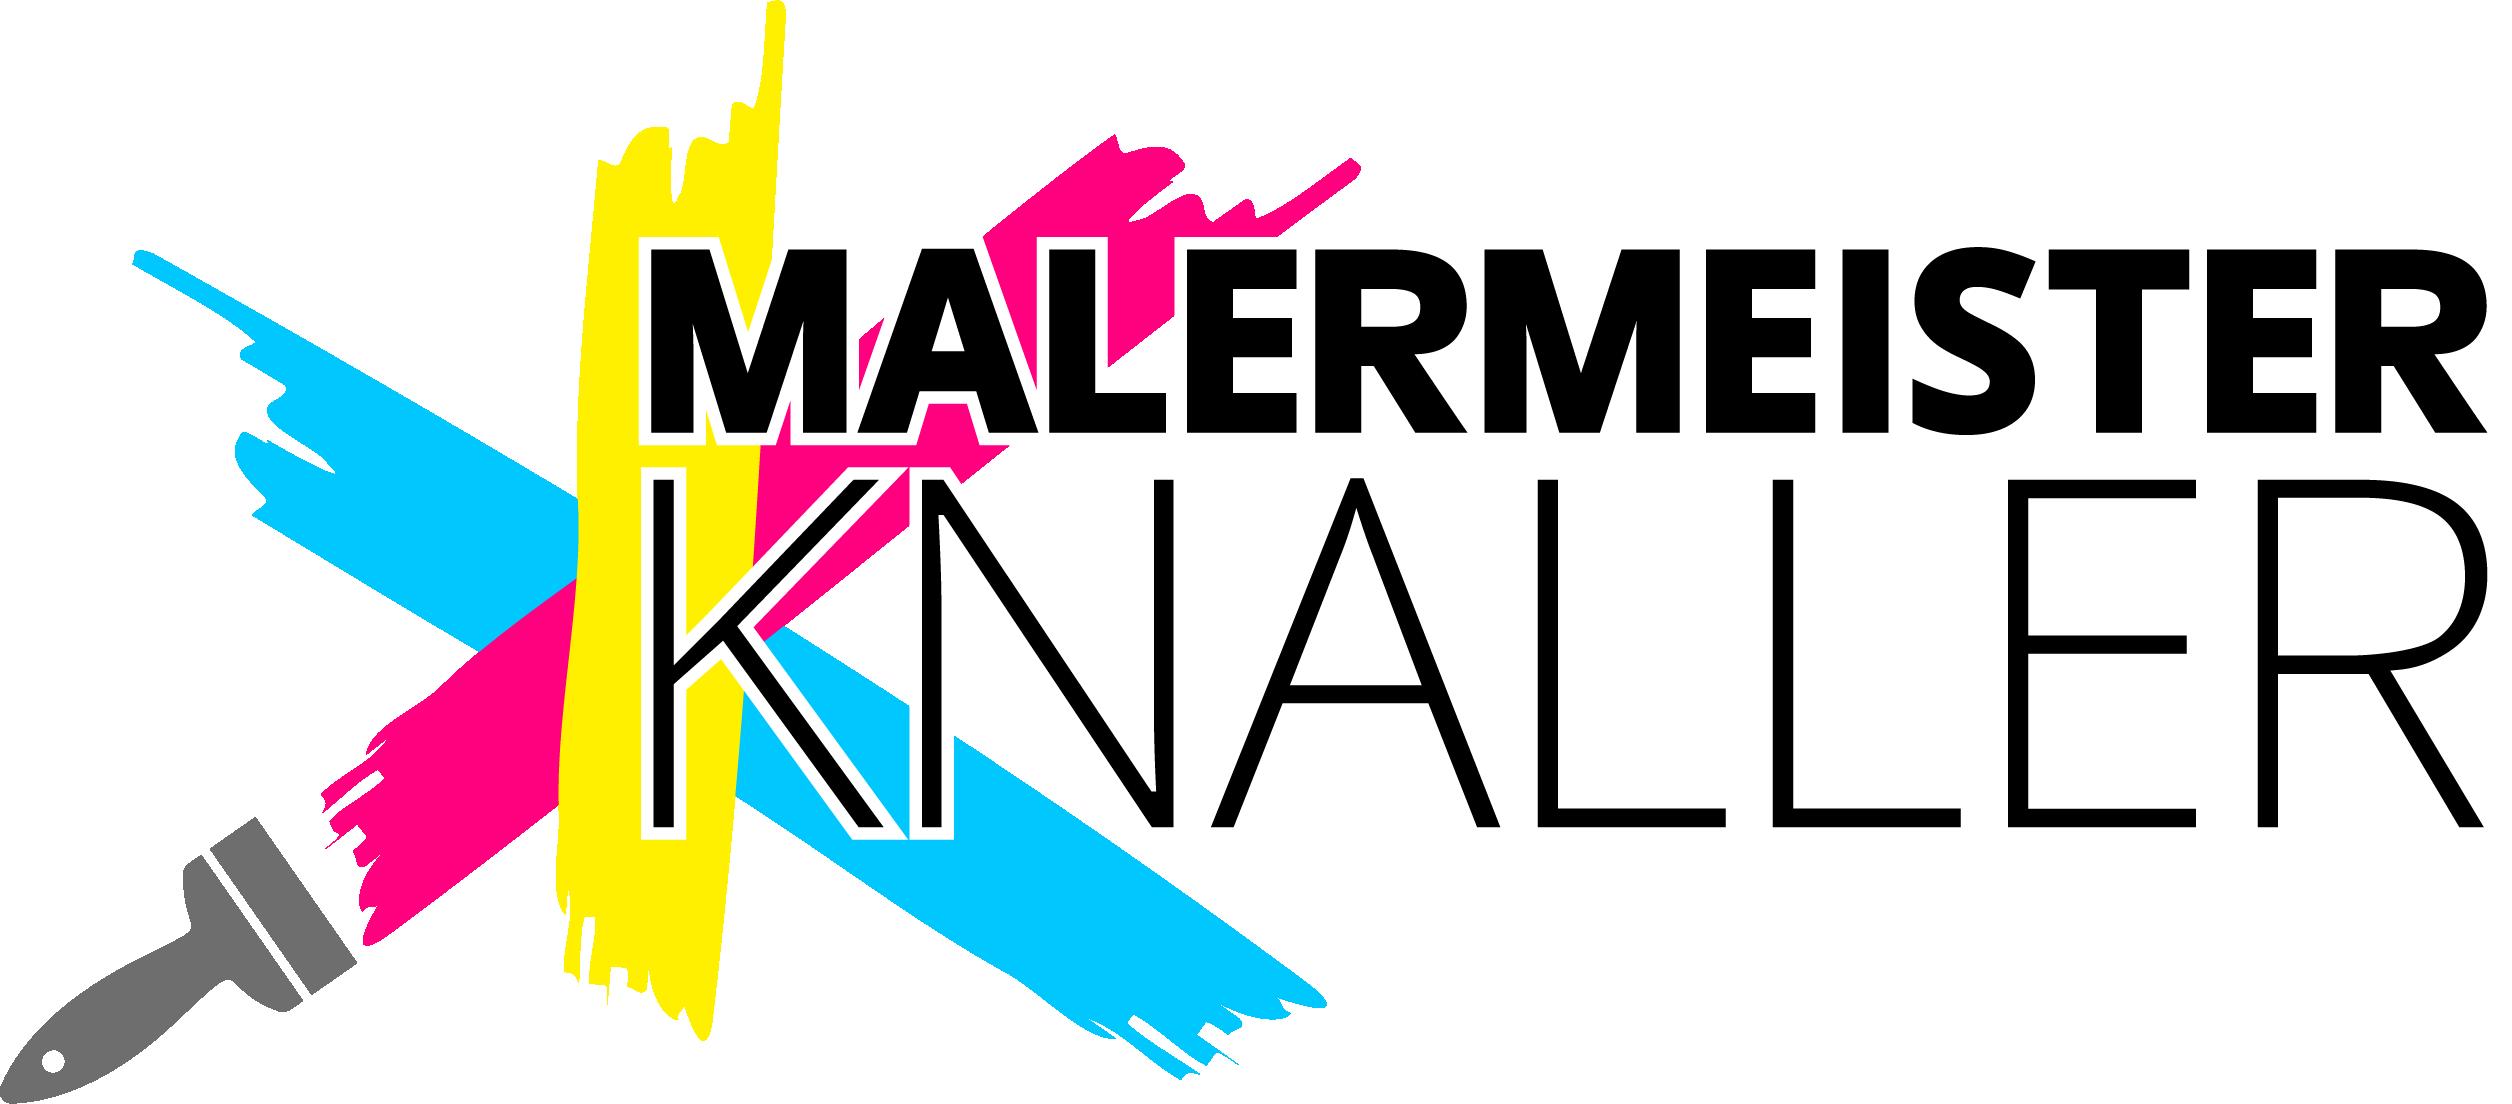 Malermeister Knaller